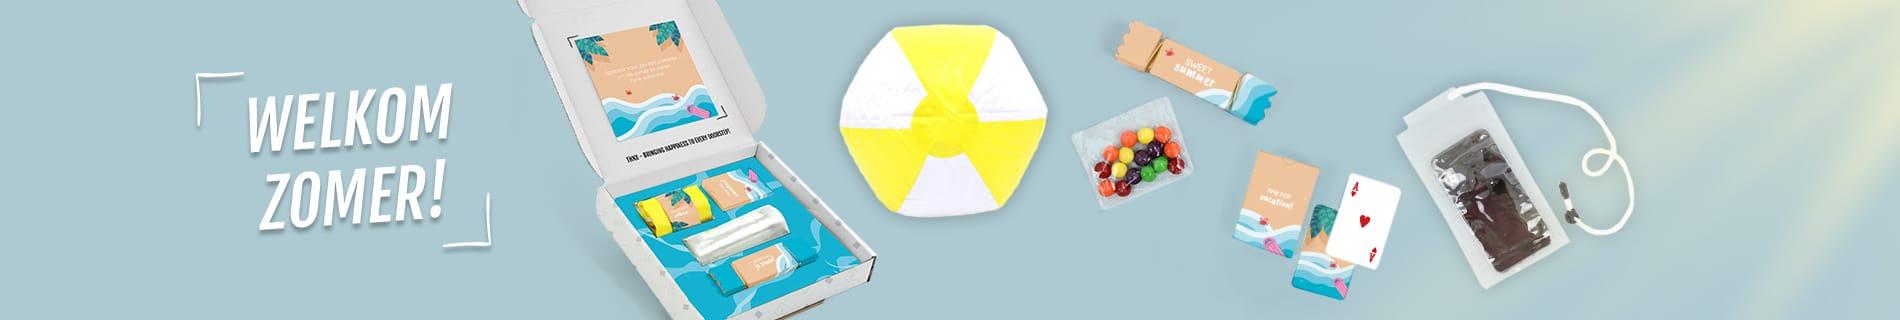 Inhoud Brievenbuspakketje Zomer Beach Pakket Strandbal Telefoonhoesje Skittles Speelkaarten Studenten